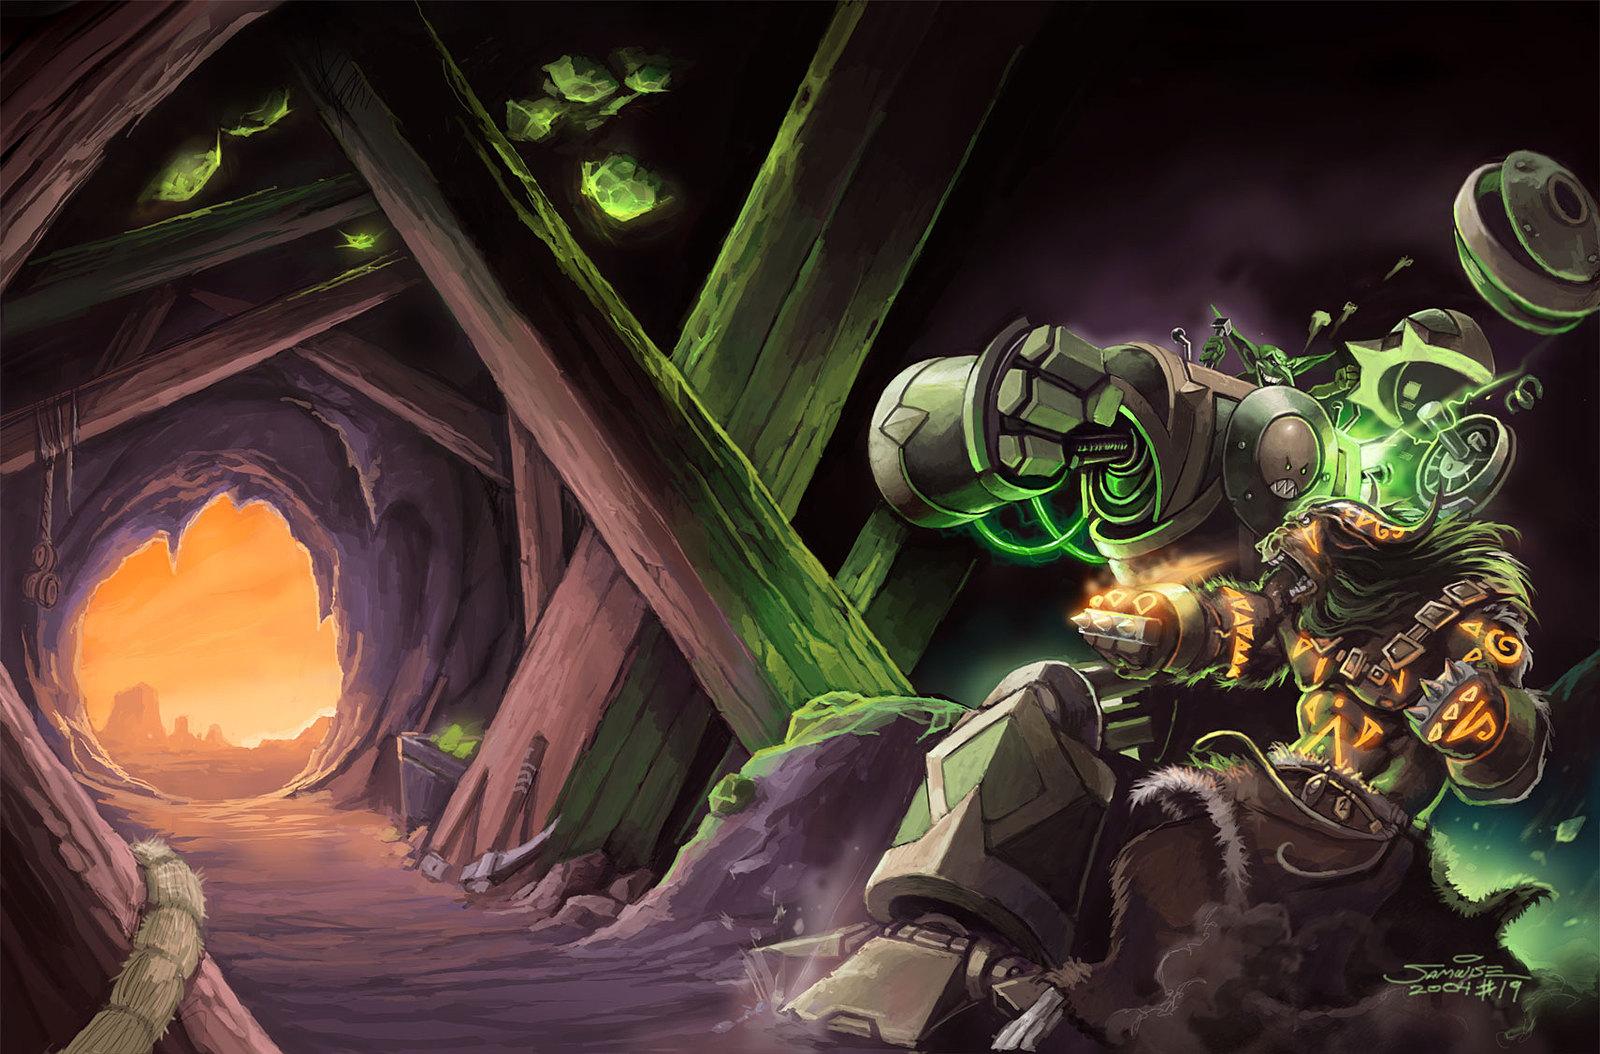 Découvrez quatre nouveaux artworks sur le thème de Warcraft